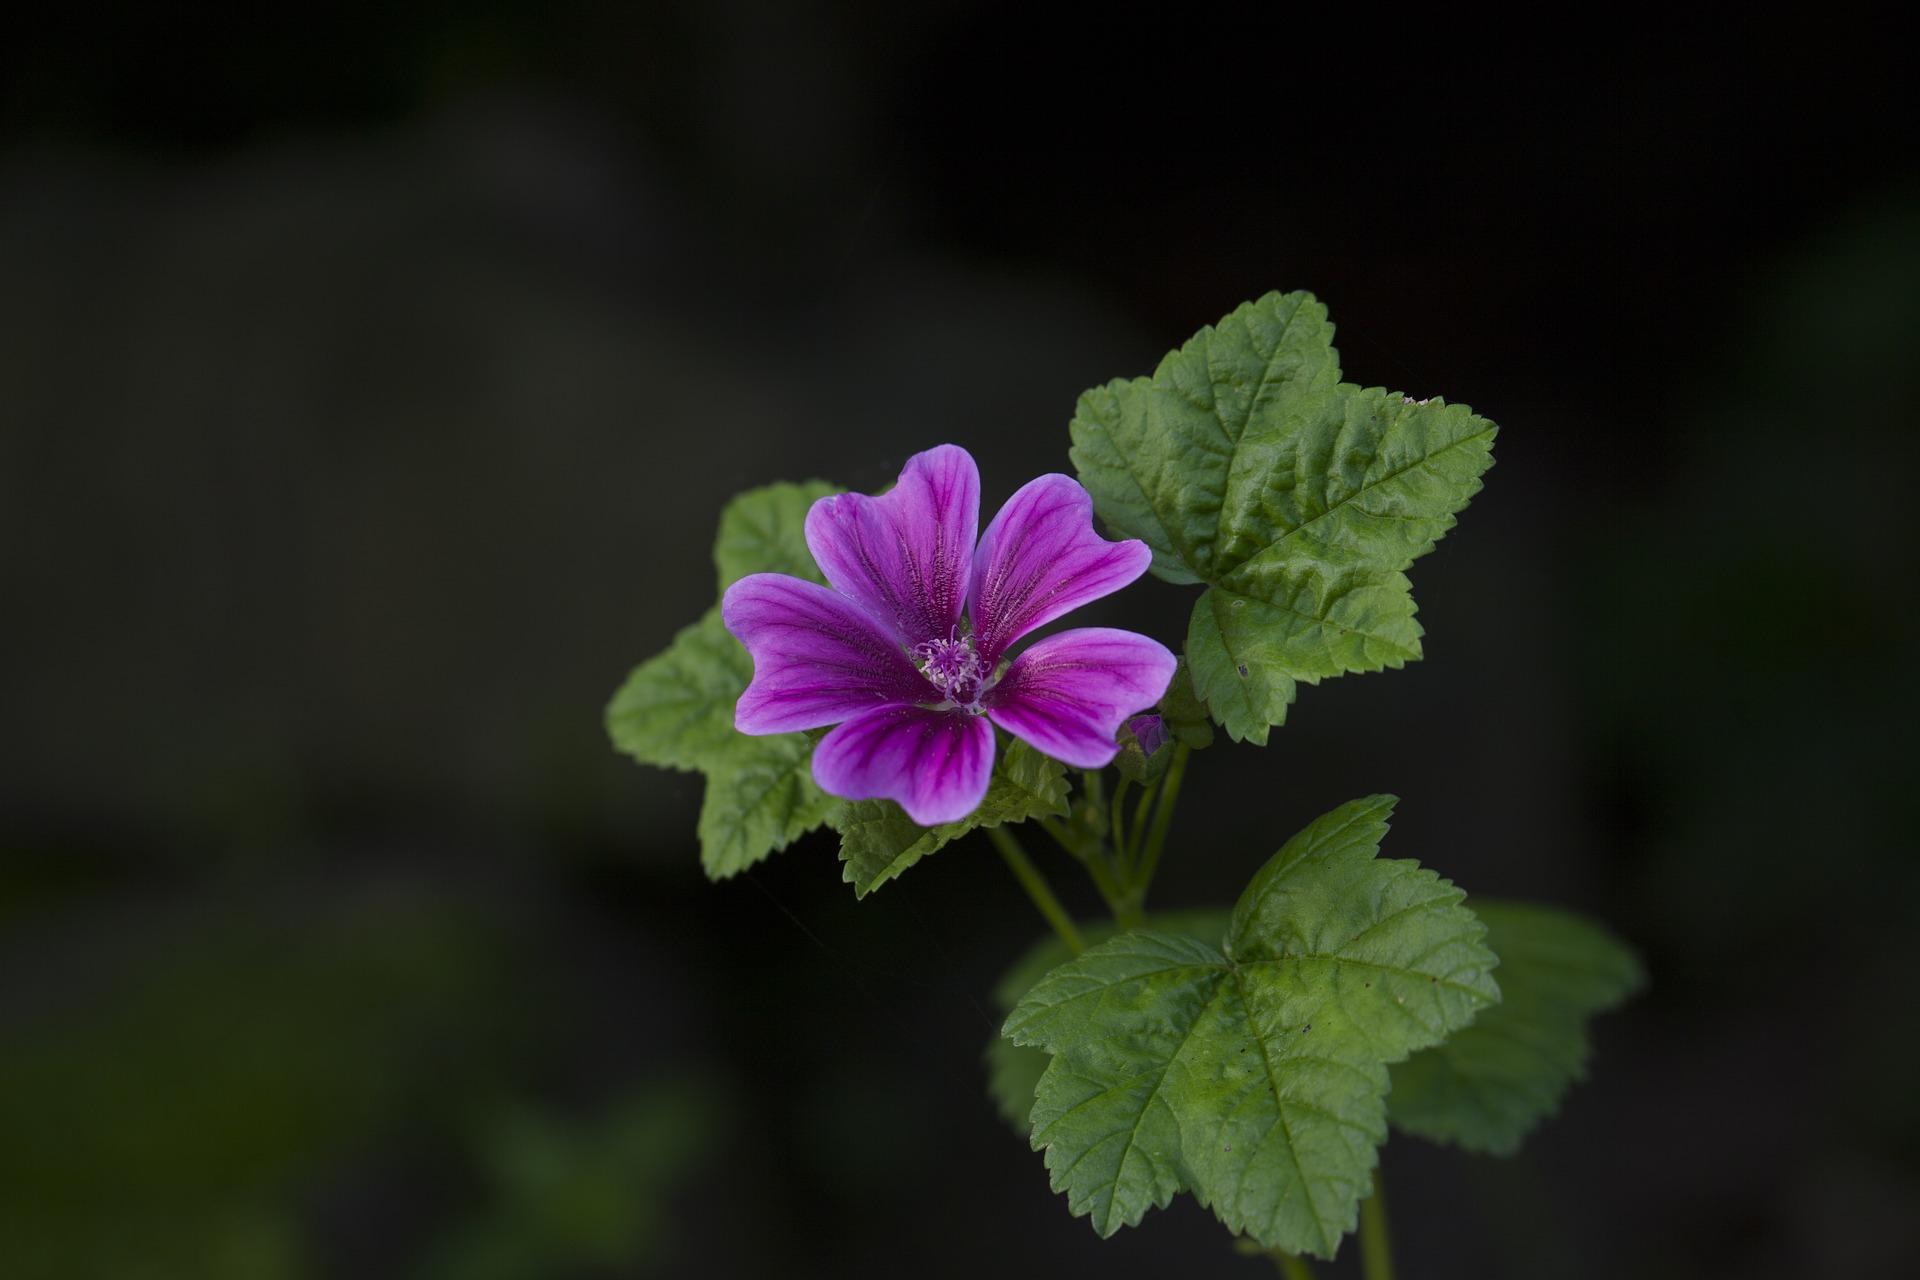 Blüte einer Wilden Malve